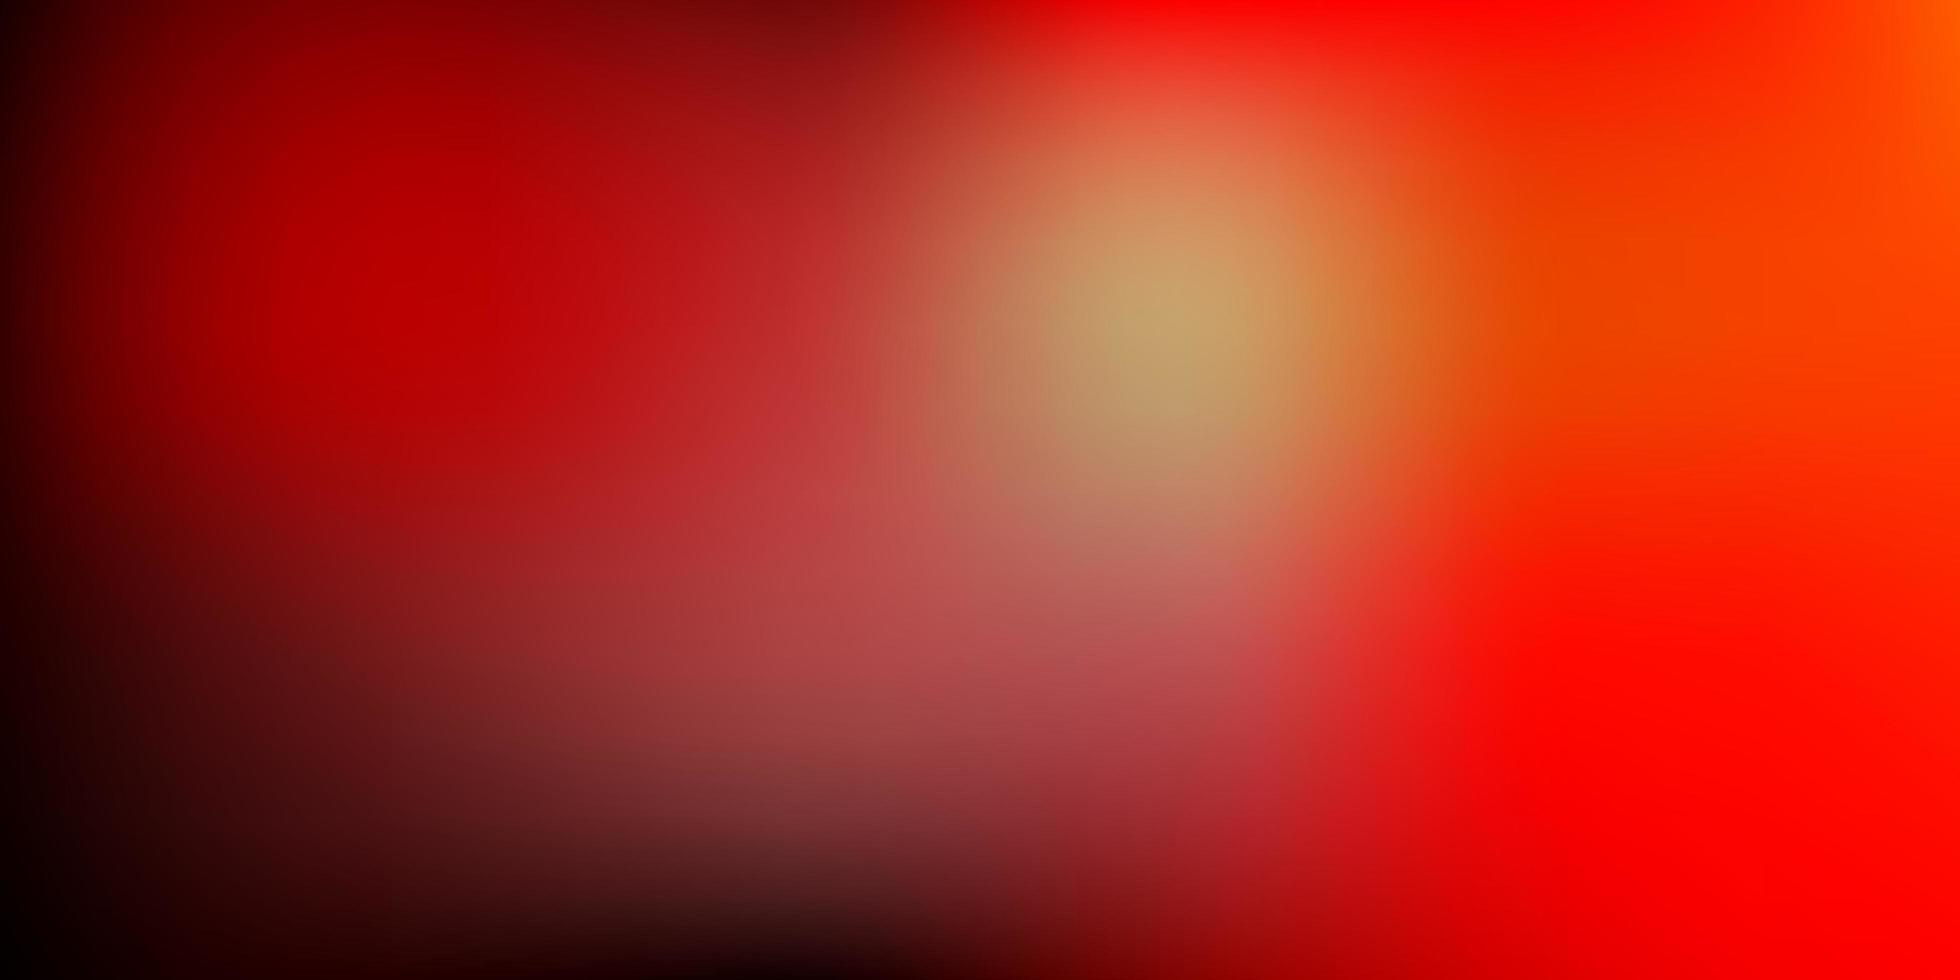 fundo do borrão do vetor laranja escuro.